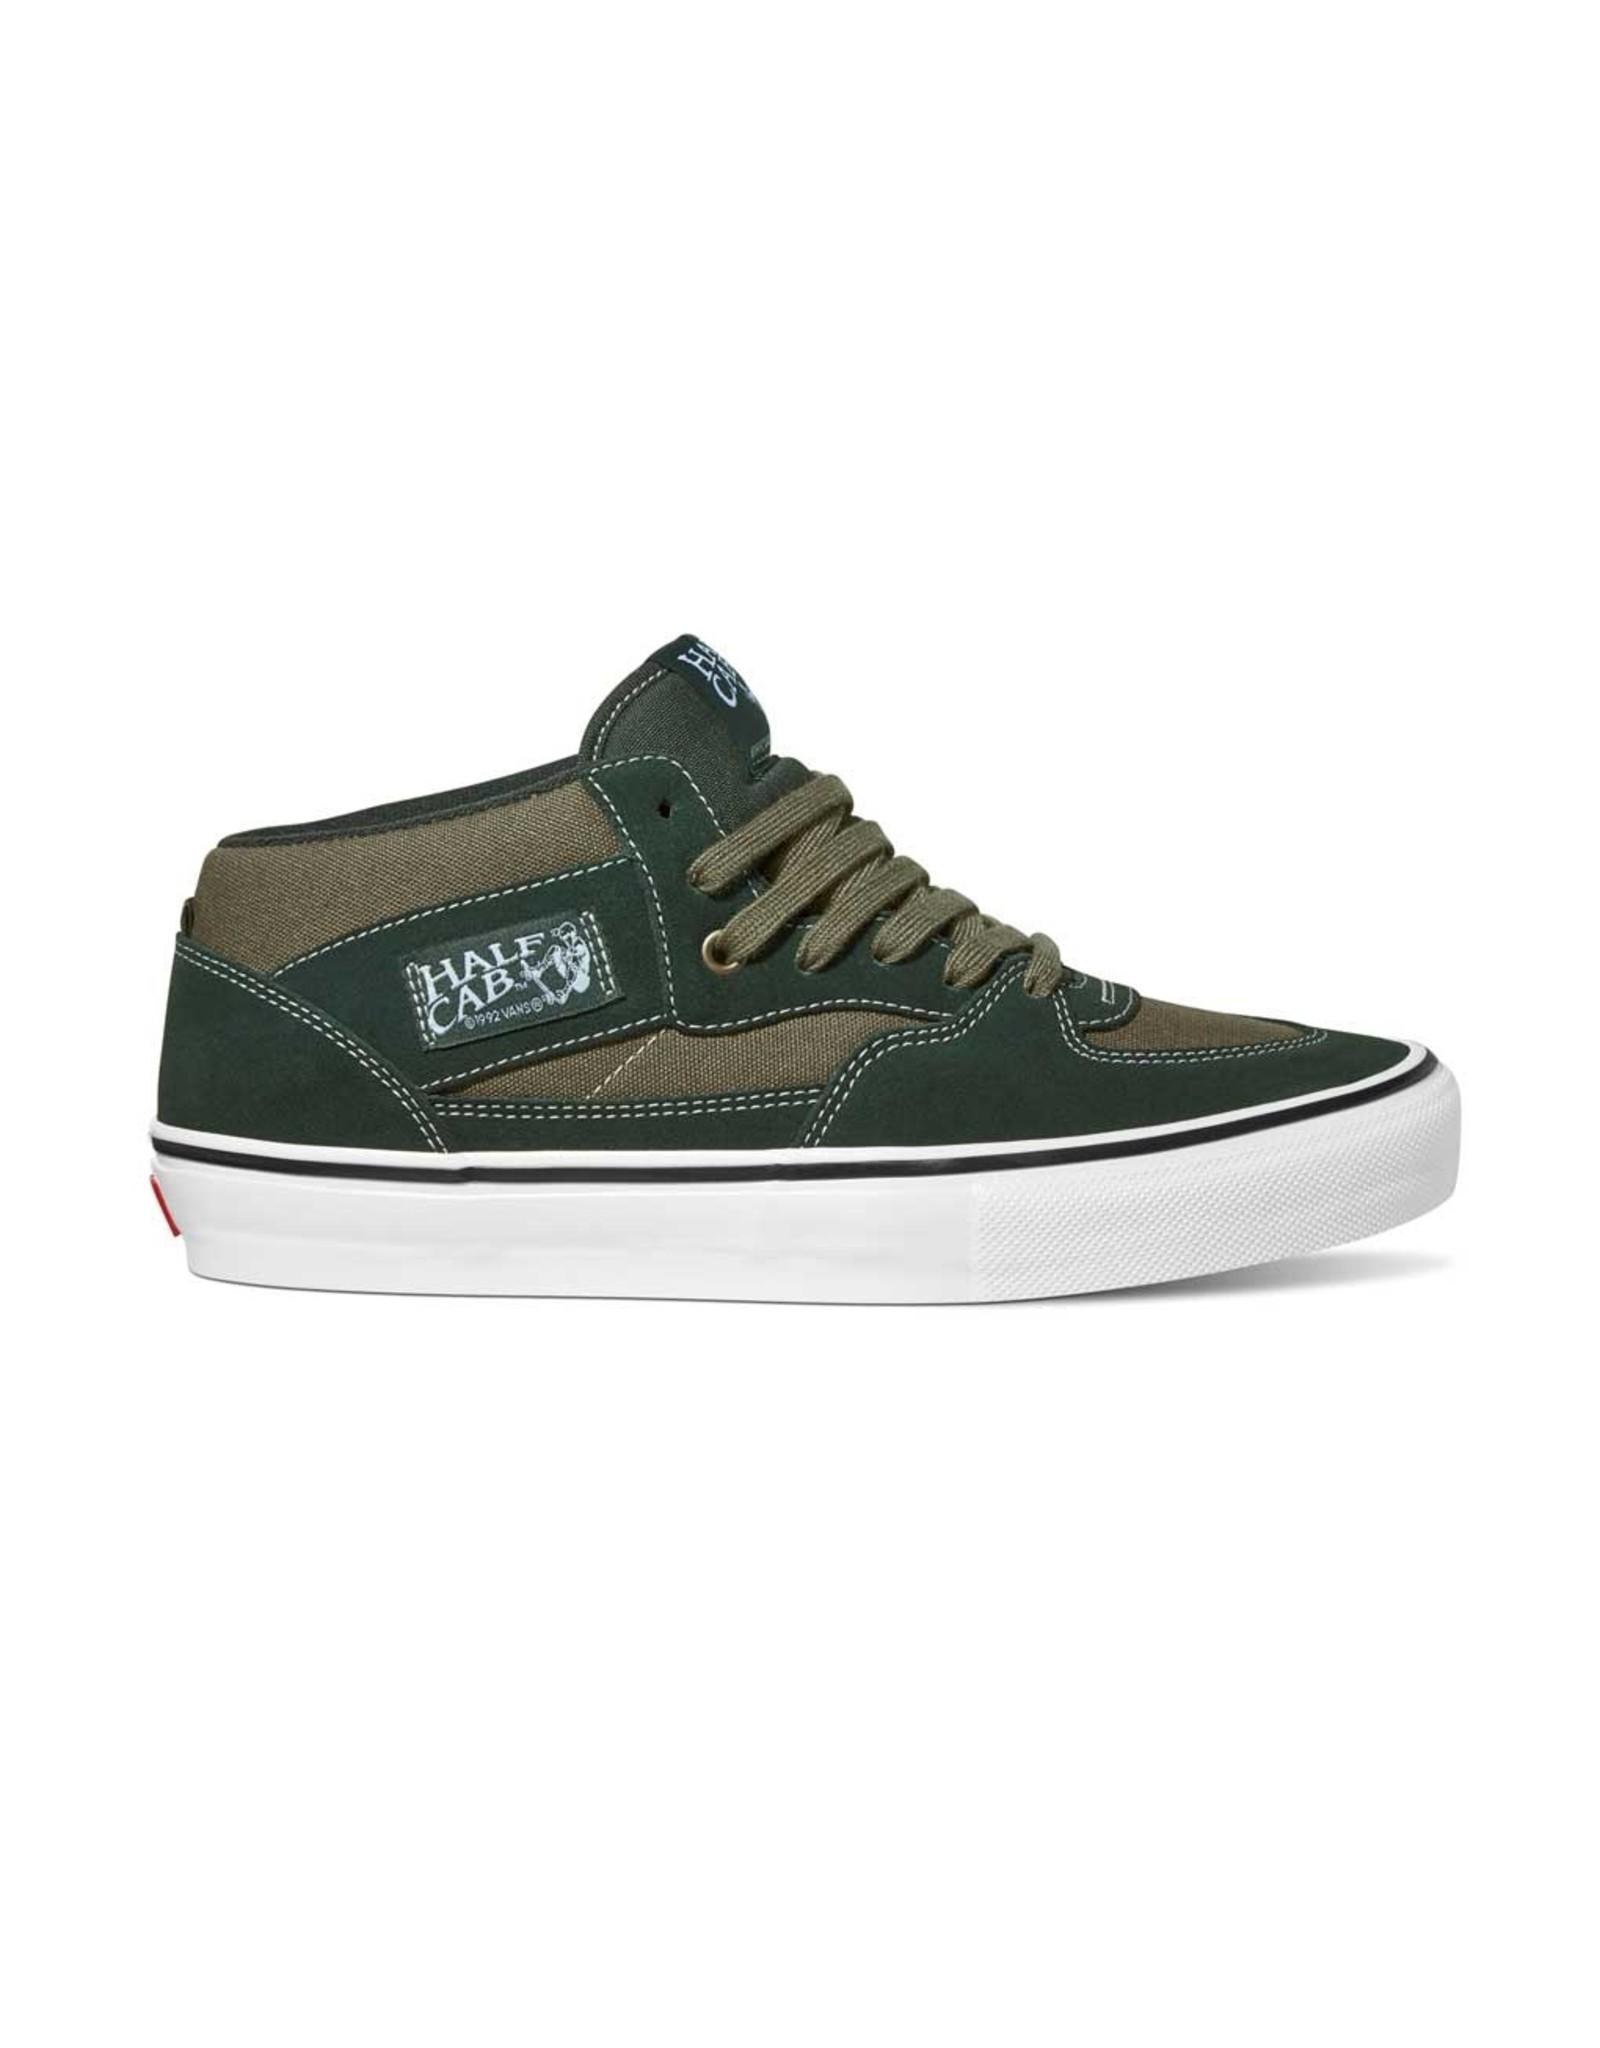 Vans M's Skate Half Cab Shoes